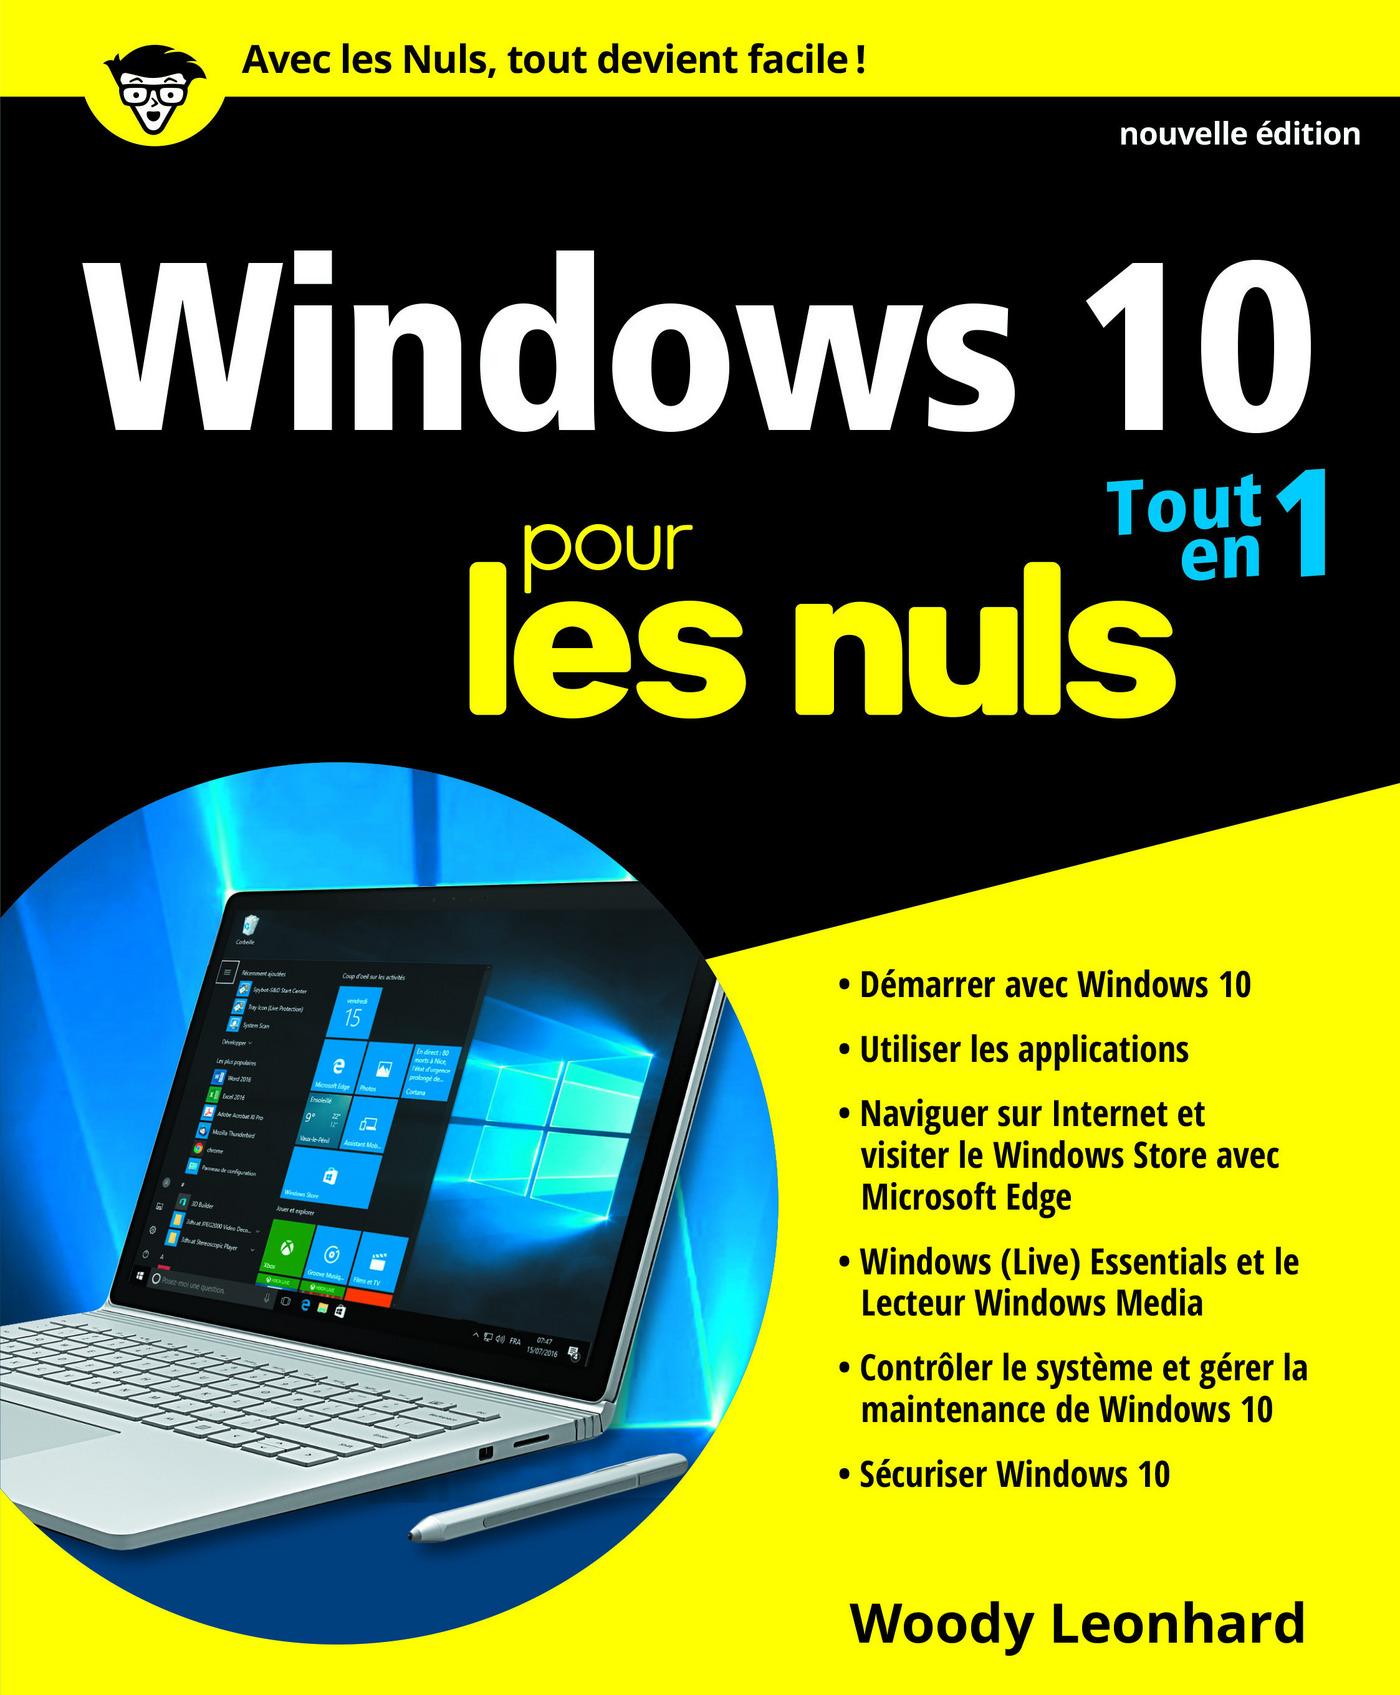 Windows 10 tout en 1 pour les Nuls, nouvelle édition (ebook)